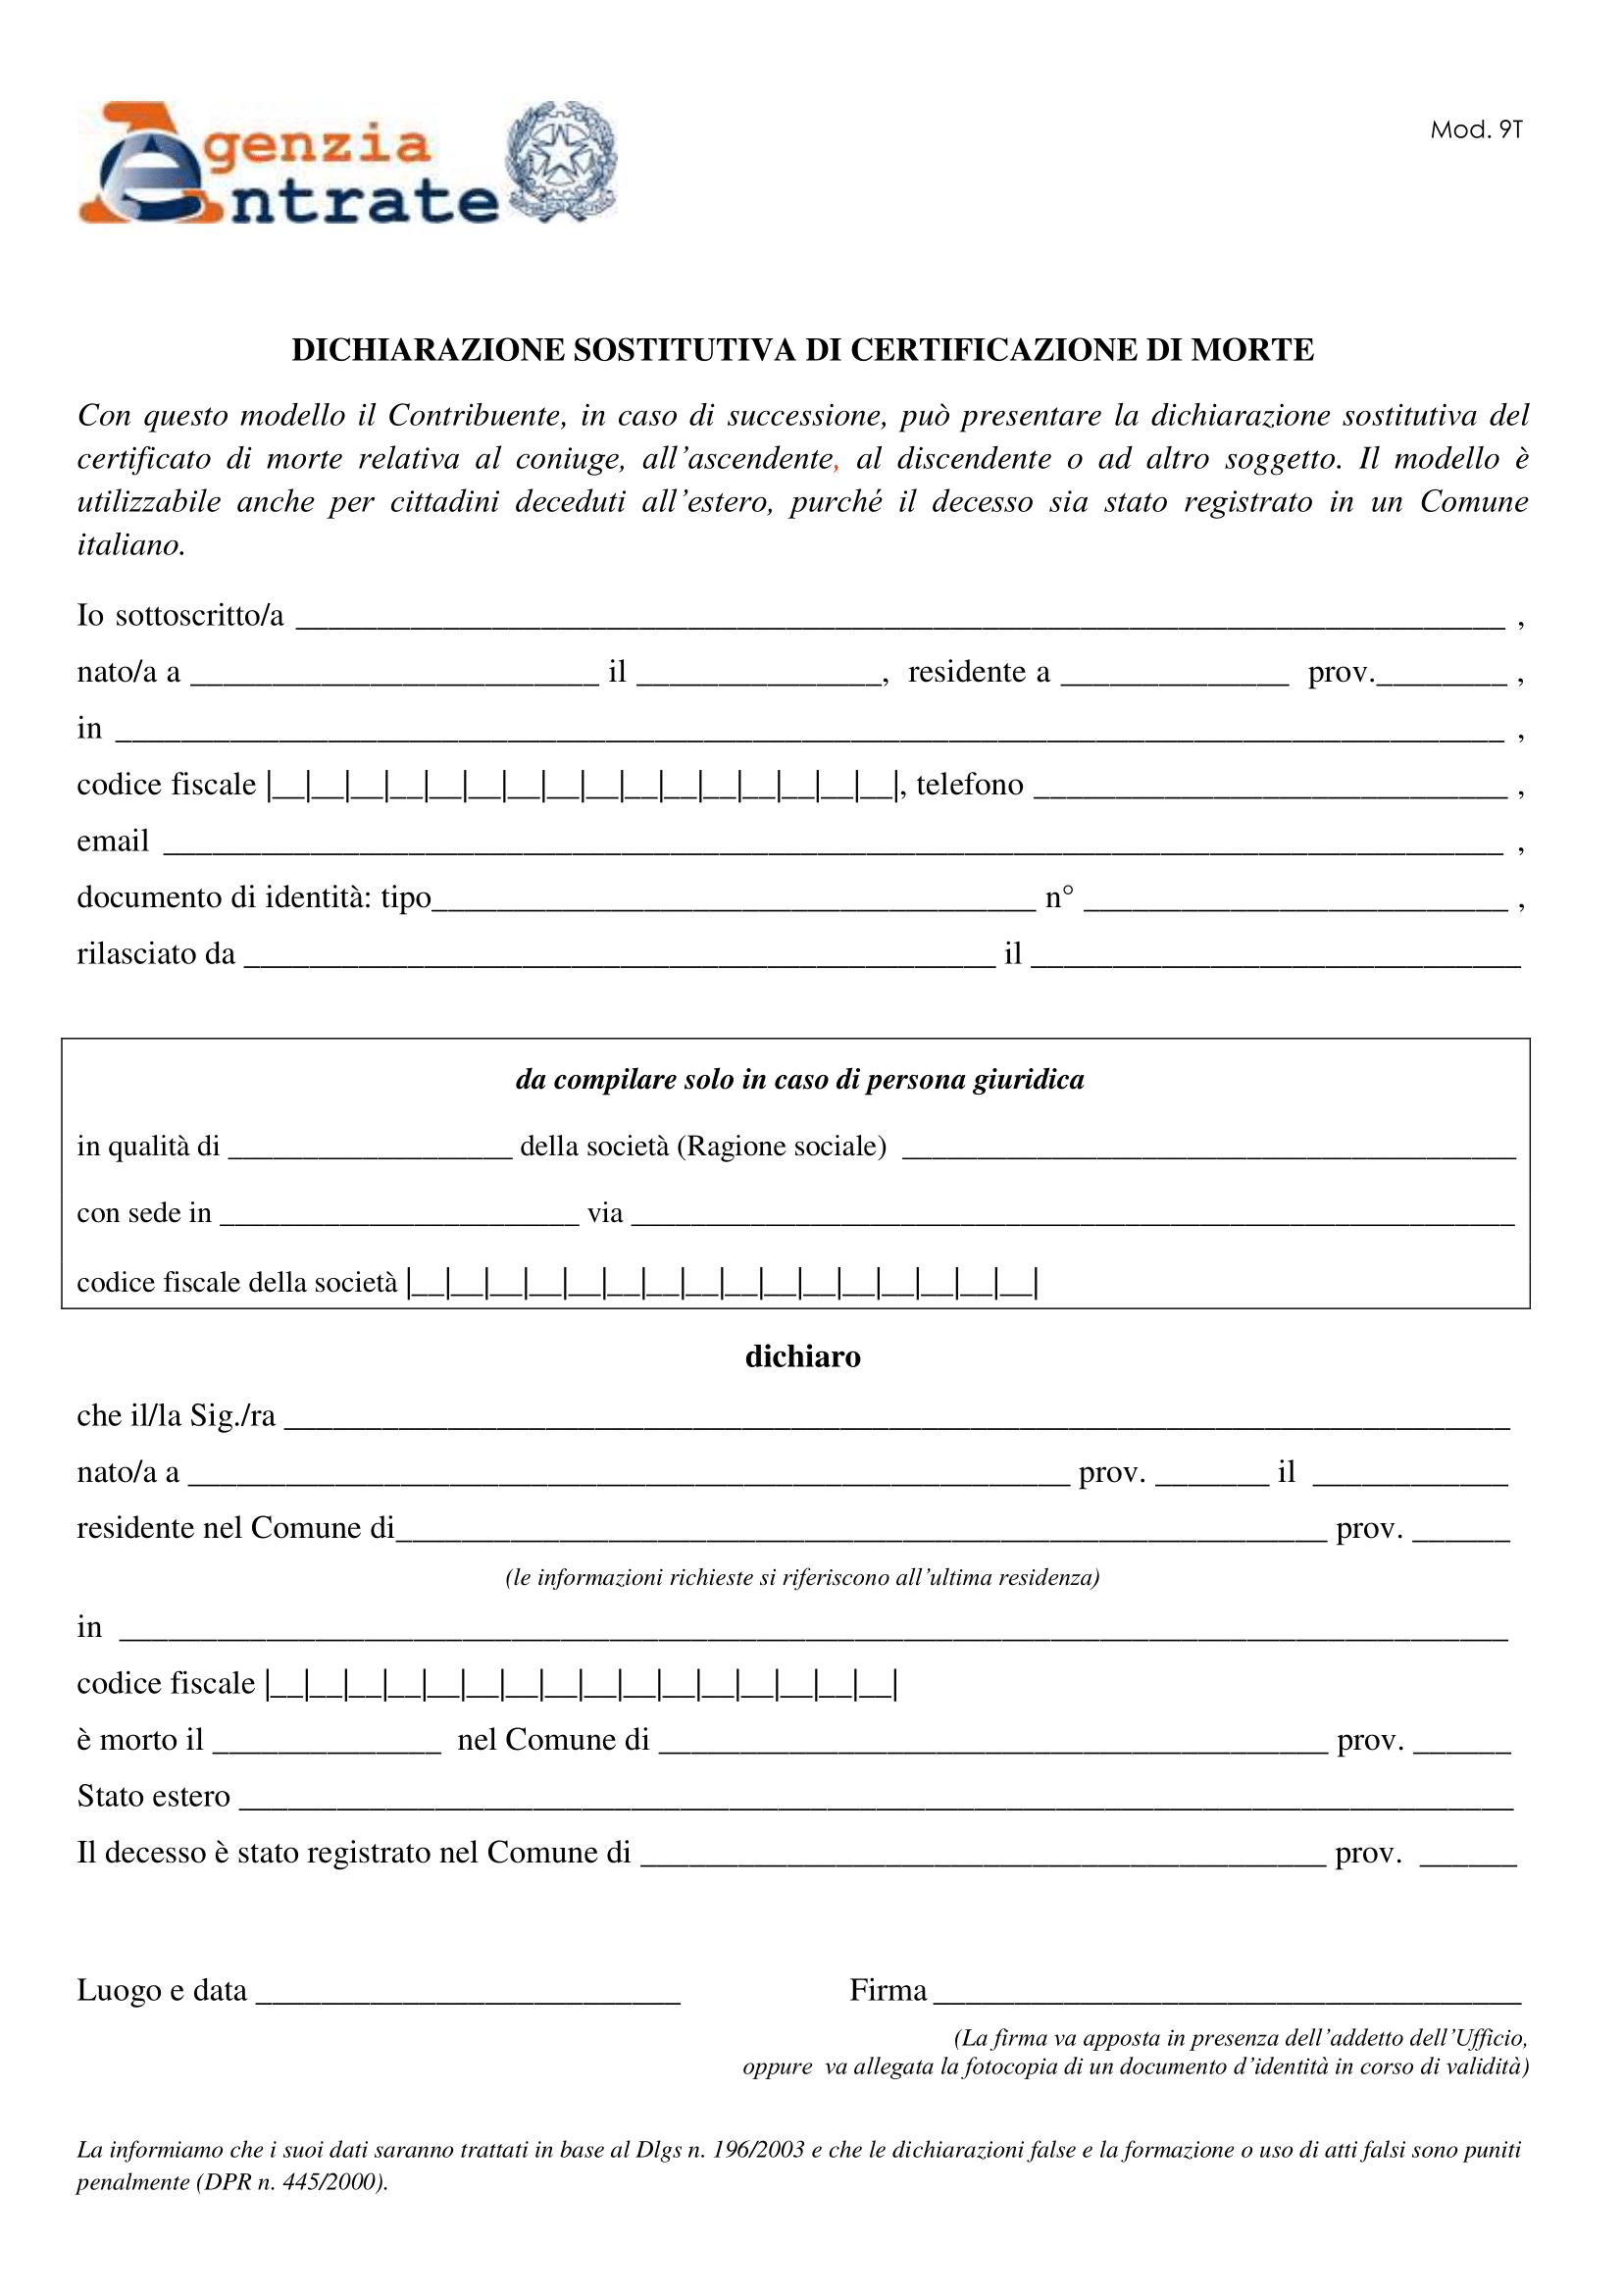 Dichiarazione Sostitutiva di Certificazione di Morte